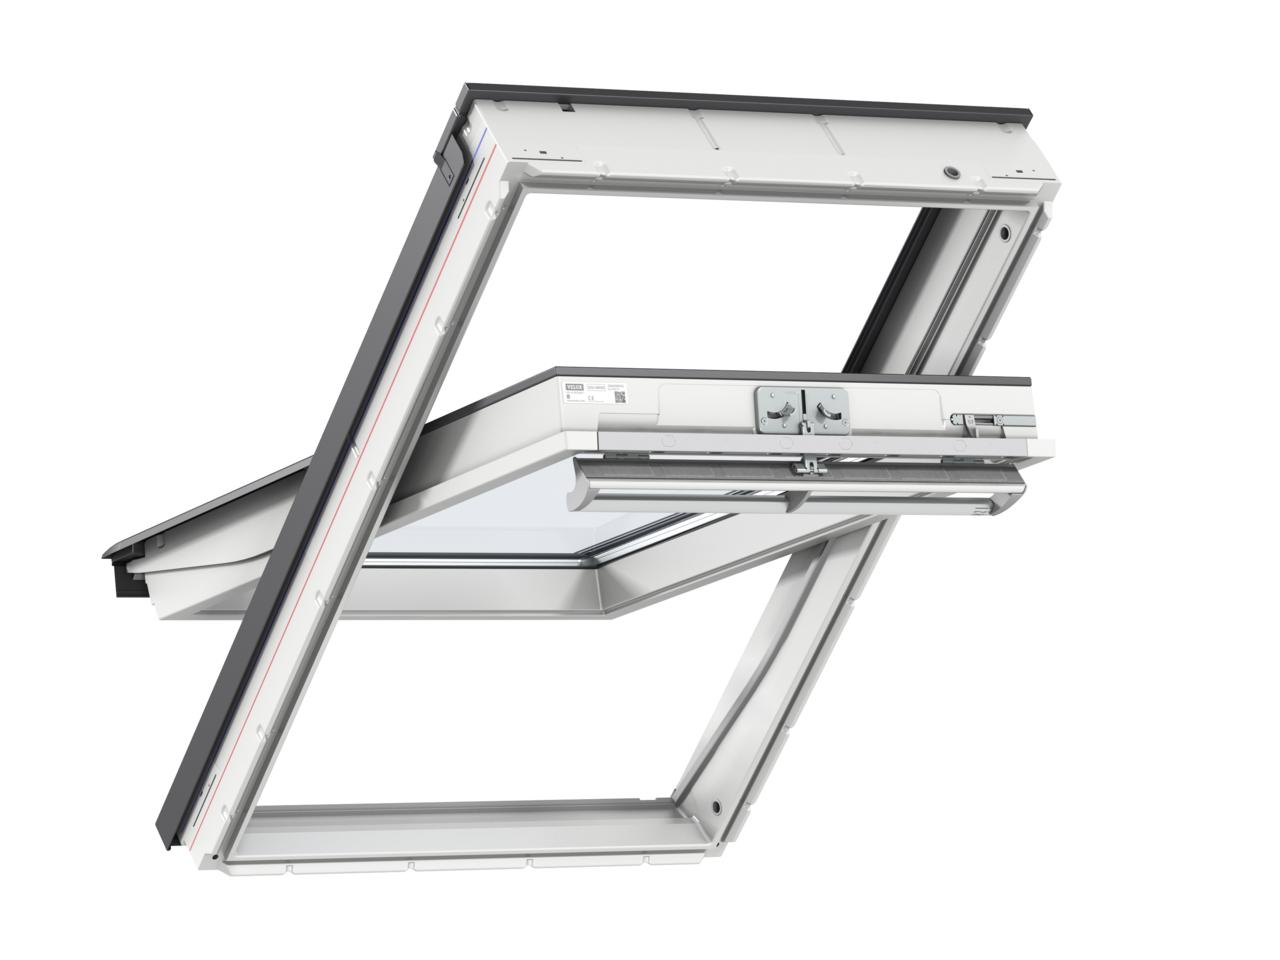 Střešní okno VELUX GGU 0066 rozměr: CK02 55x78 cm